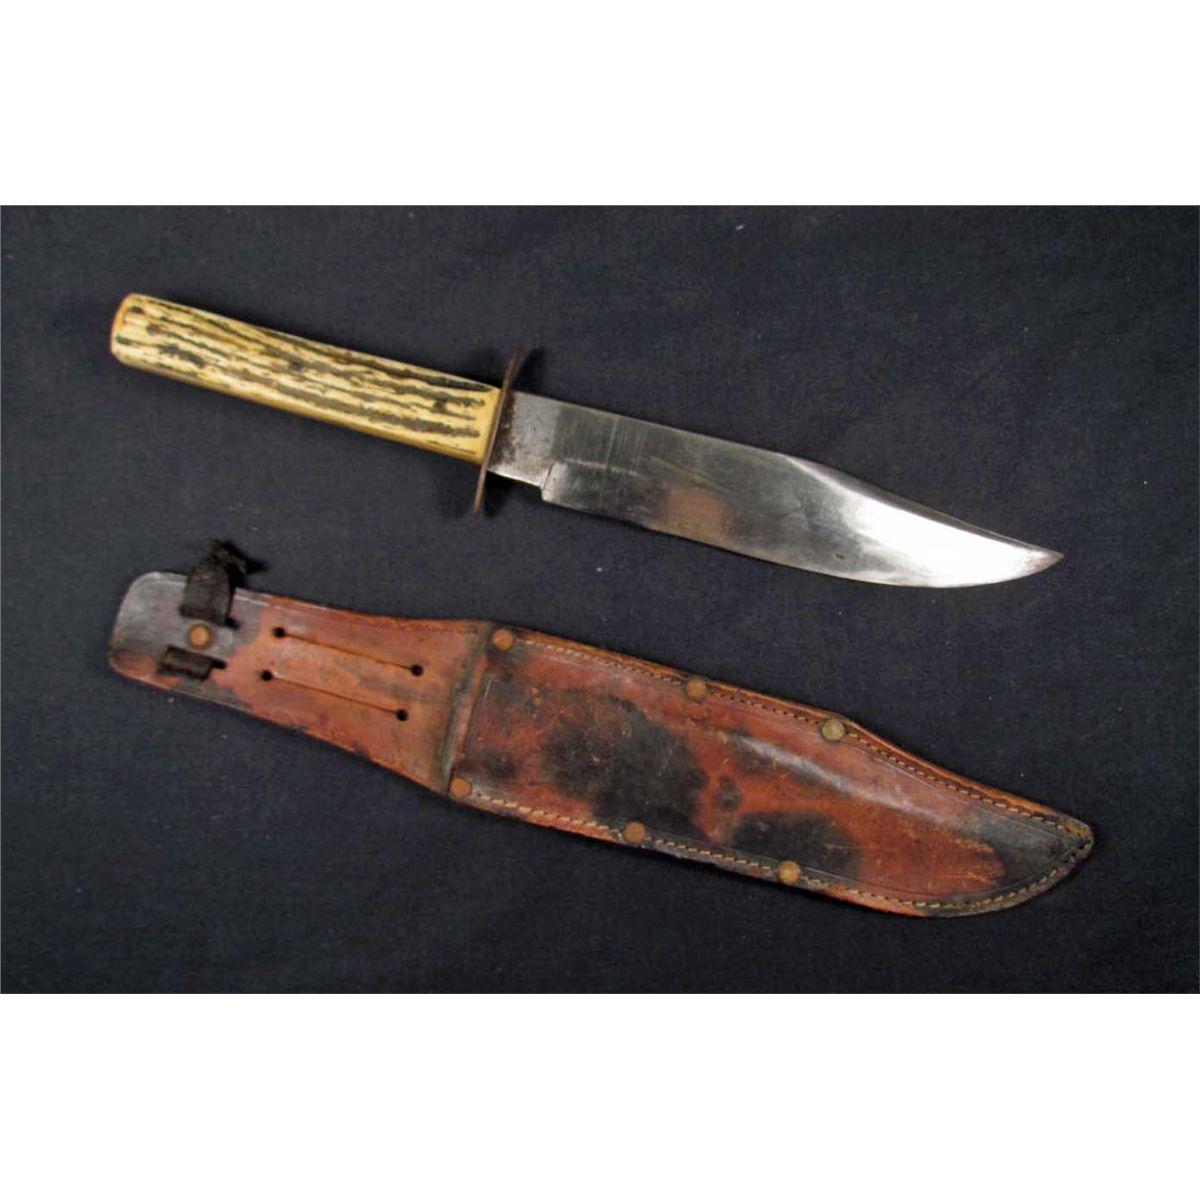 VINTAGE BOWIE KNIFE W/ LEATHER SCABBARD